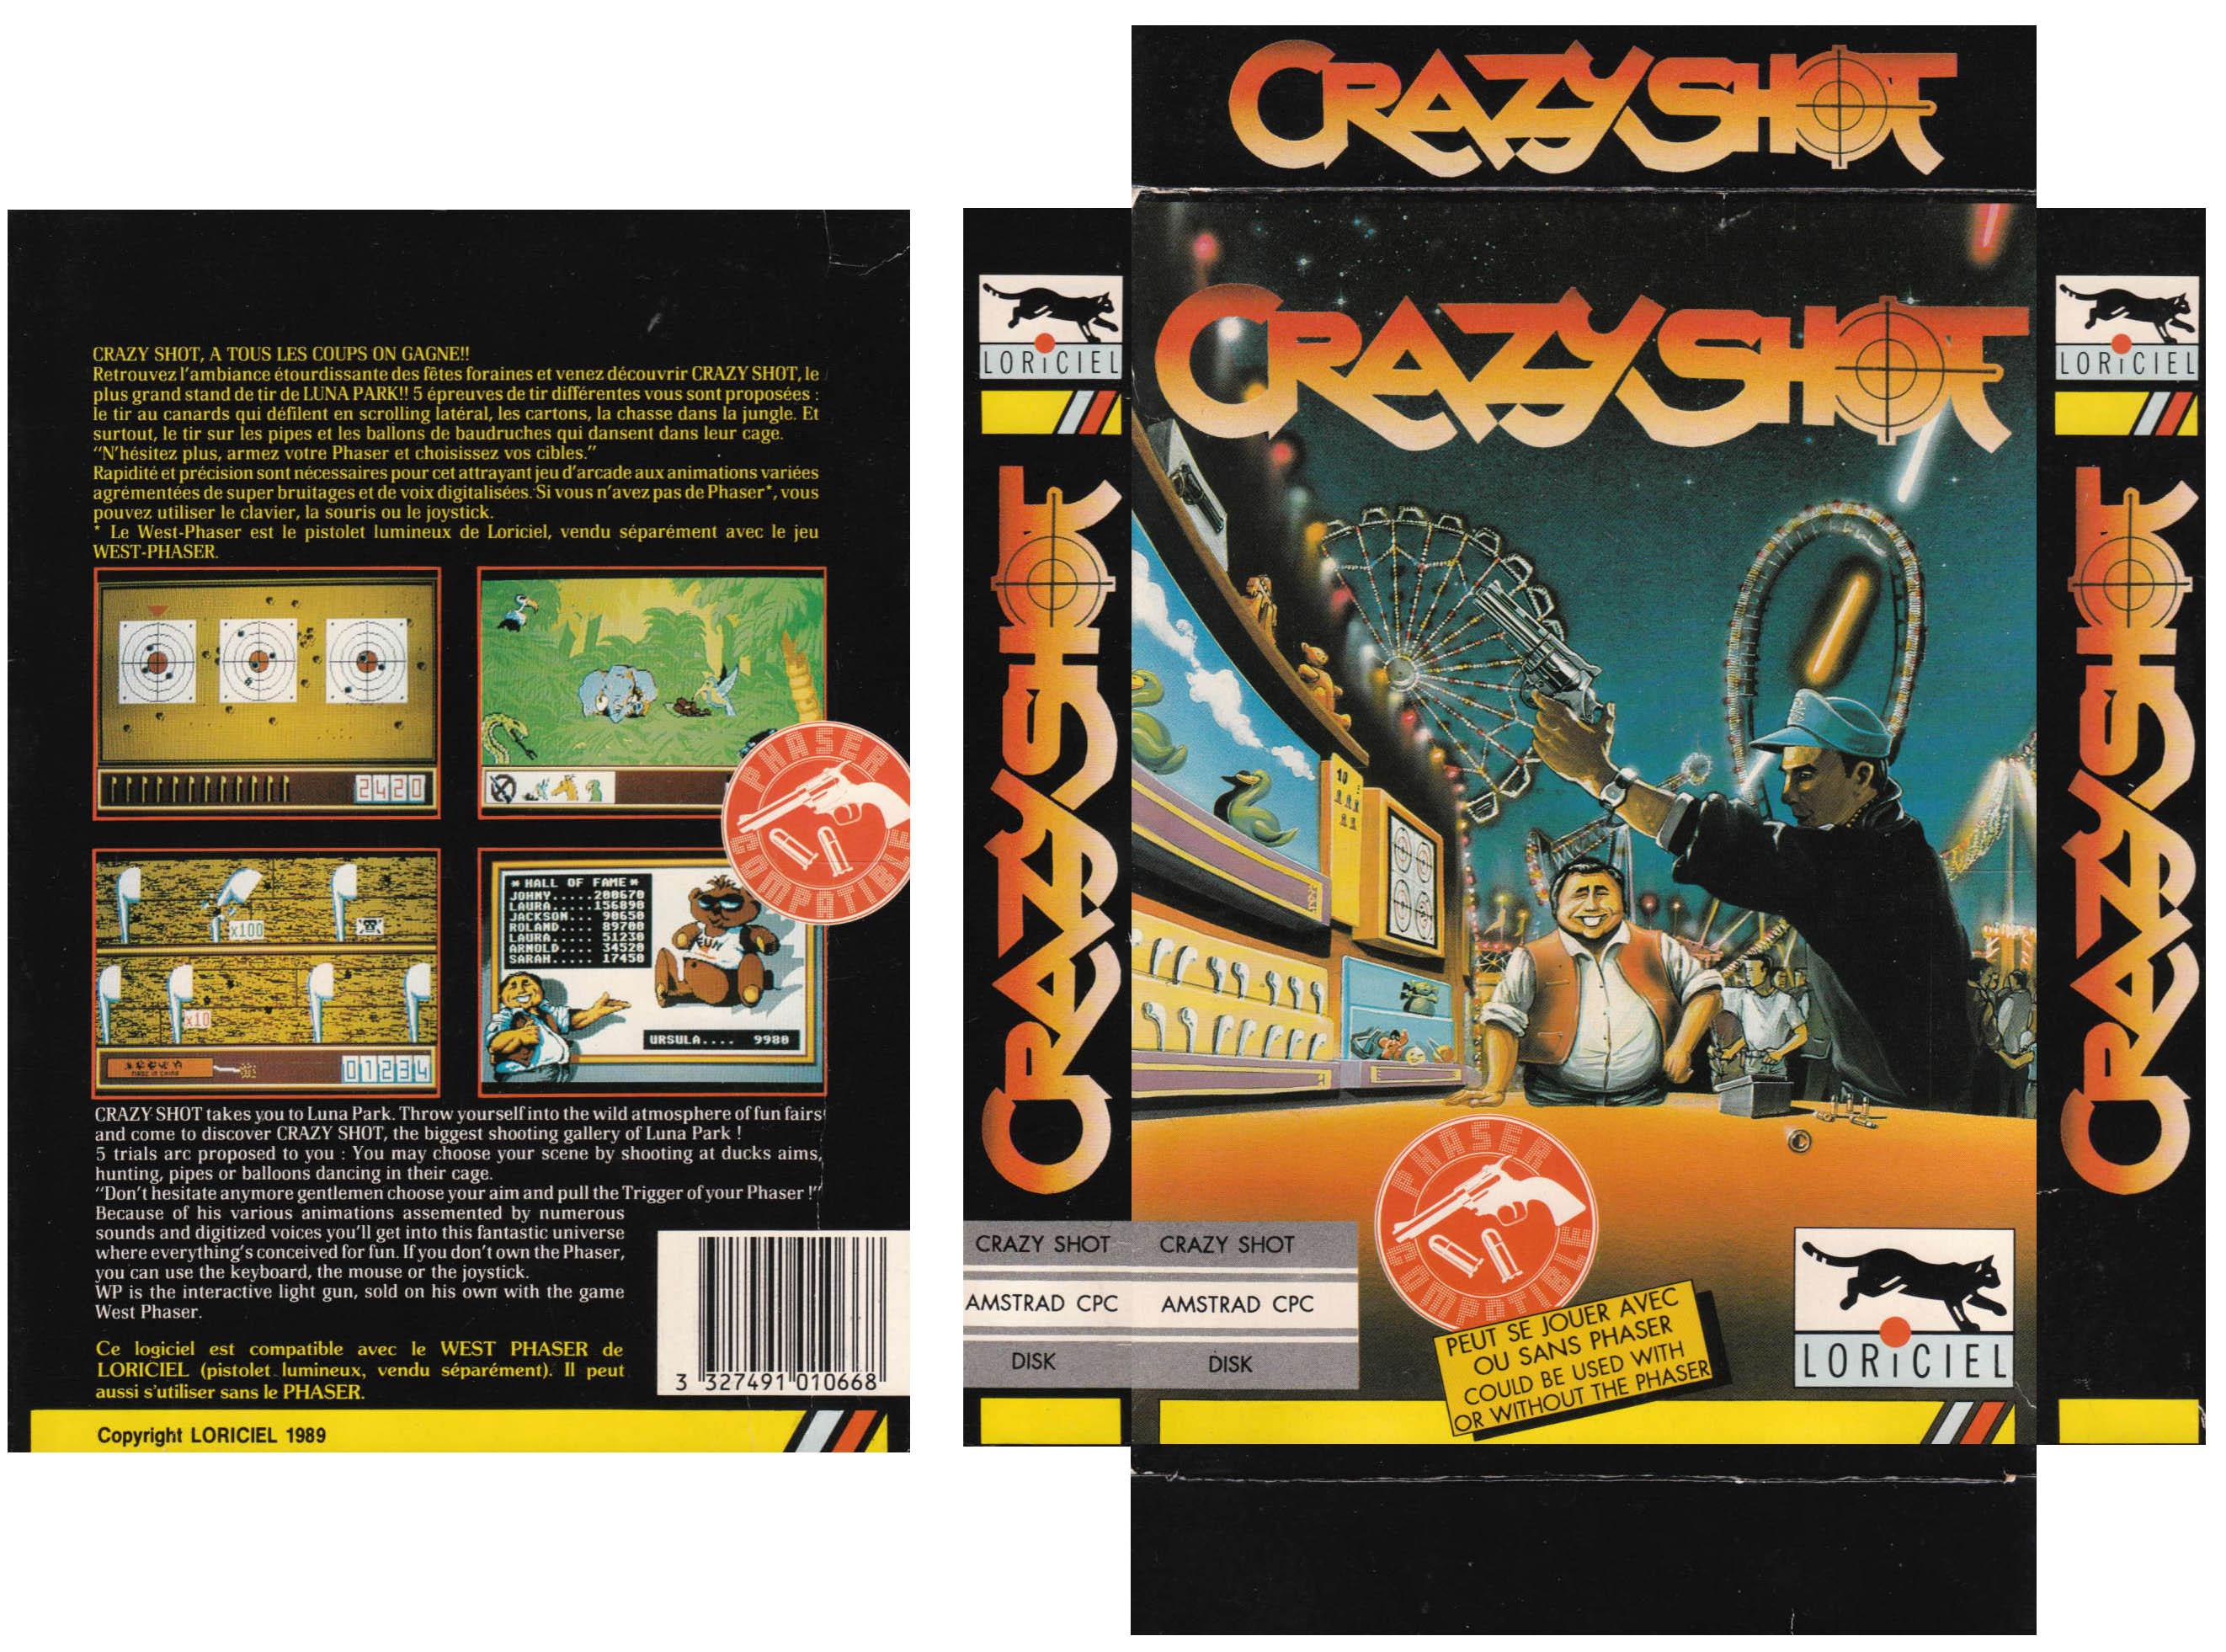 Jeu video Crazy Shot sur Amstrad-CPC - 3 - images, jaquette, scans